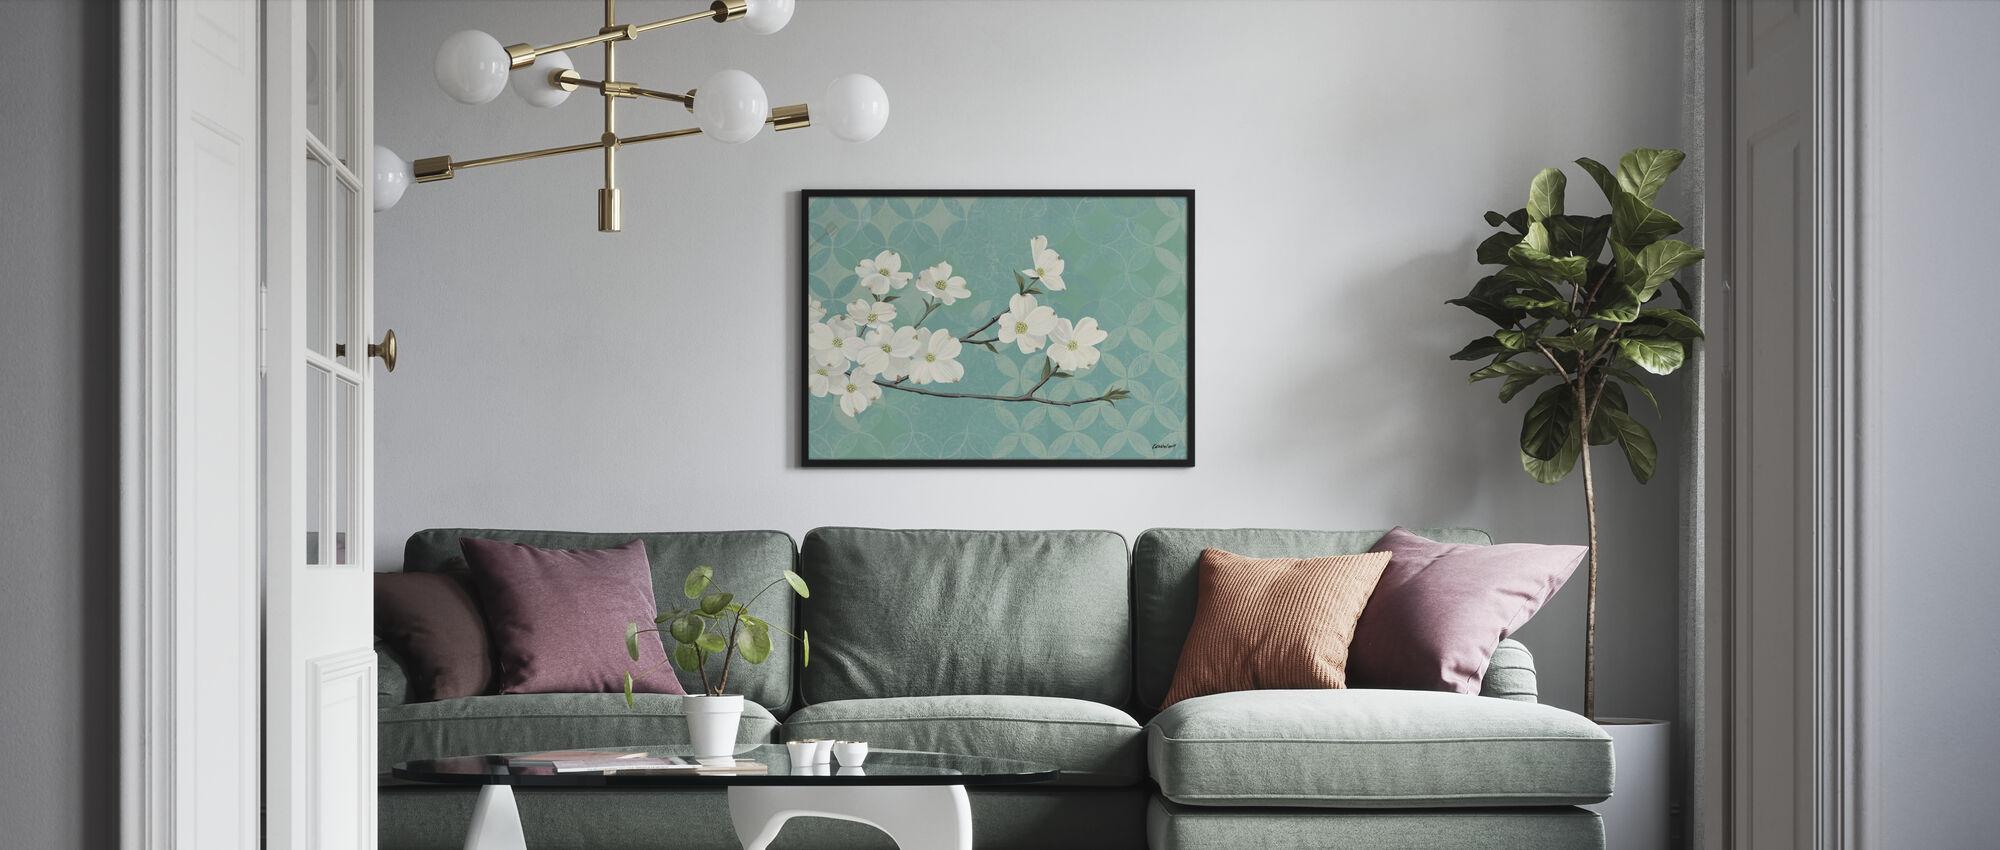 Hartriegel Blüten - Poster - Wohnzimmer